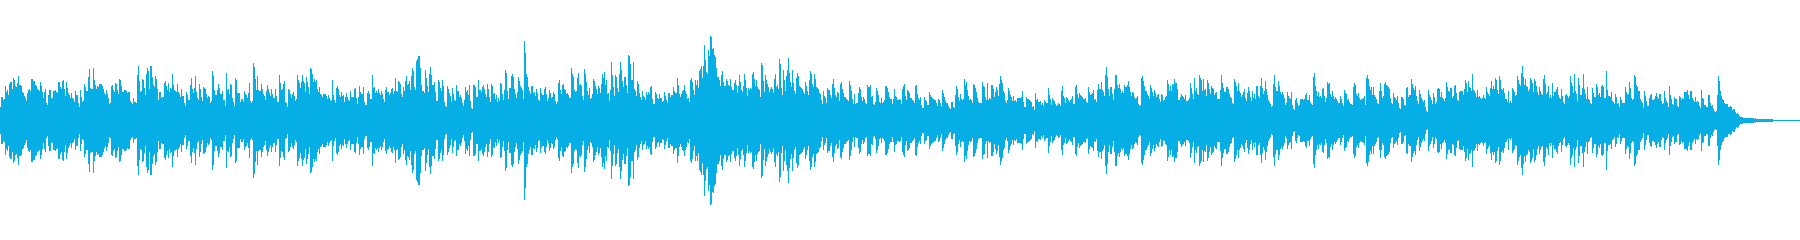 アベマリア ピアノアレンジの再生済みの波形